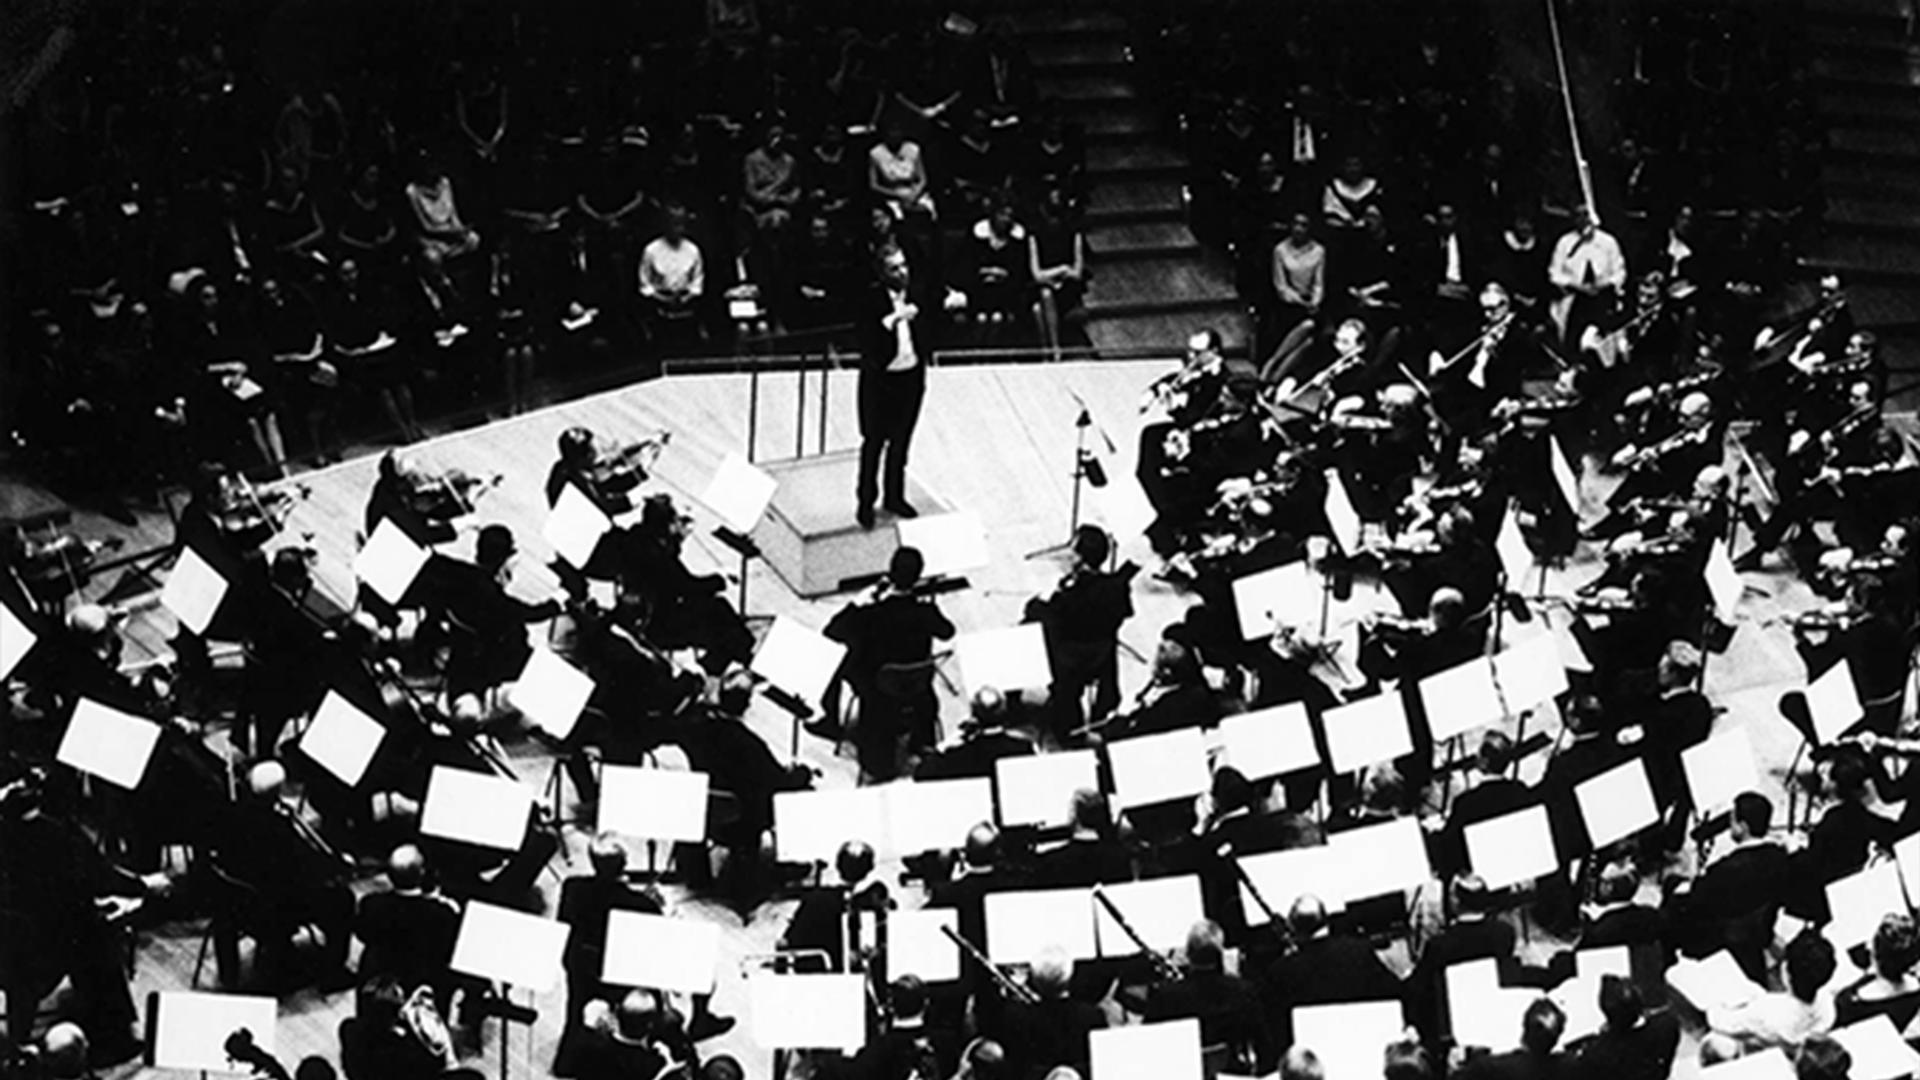 Herbert von Karajan dirige des ouvertures célèbres de Beethoven et Brahms